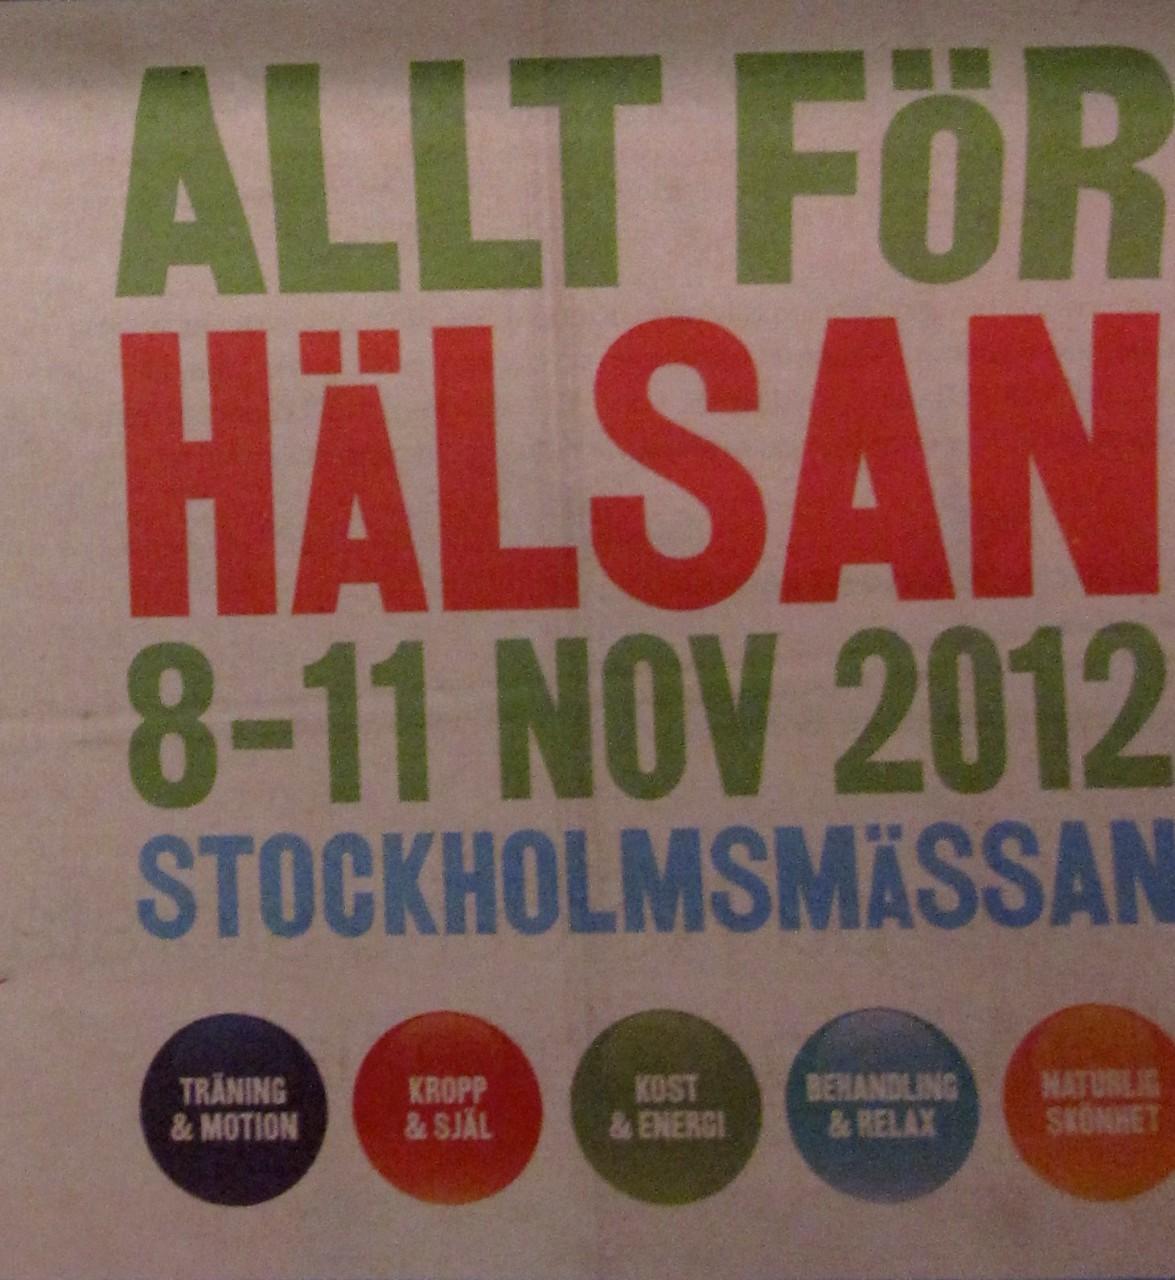 Allt för Hälsan mässguide 2012